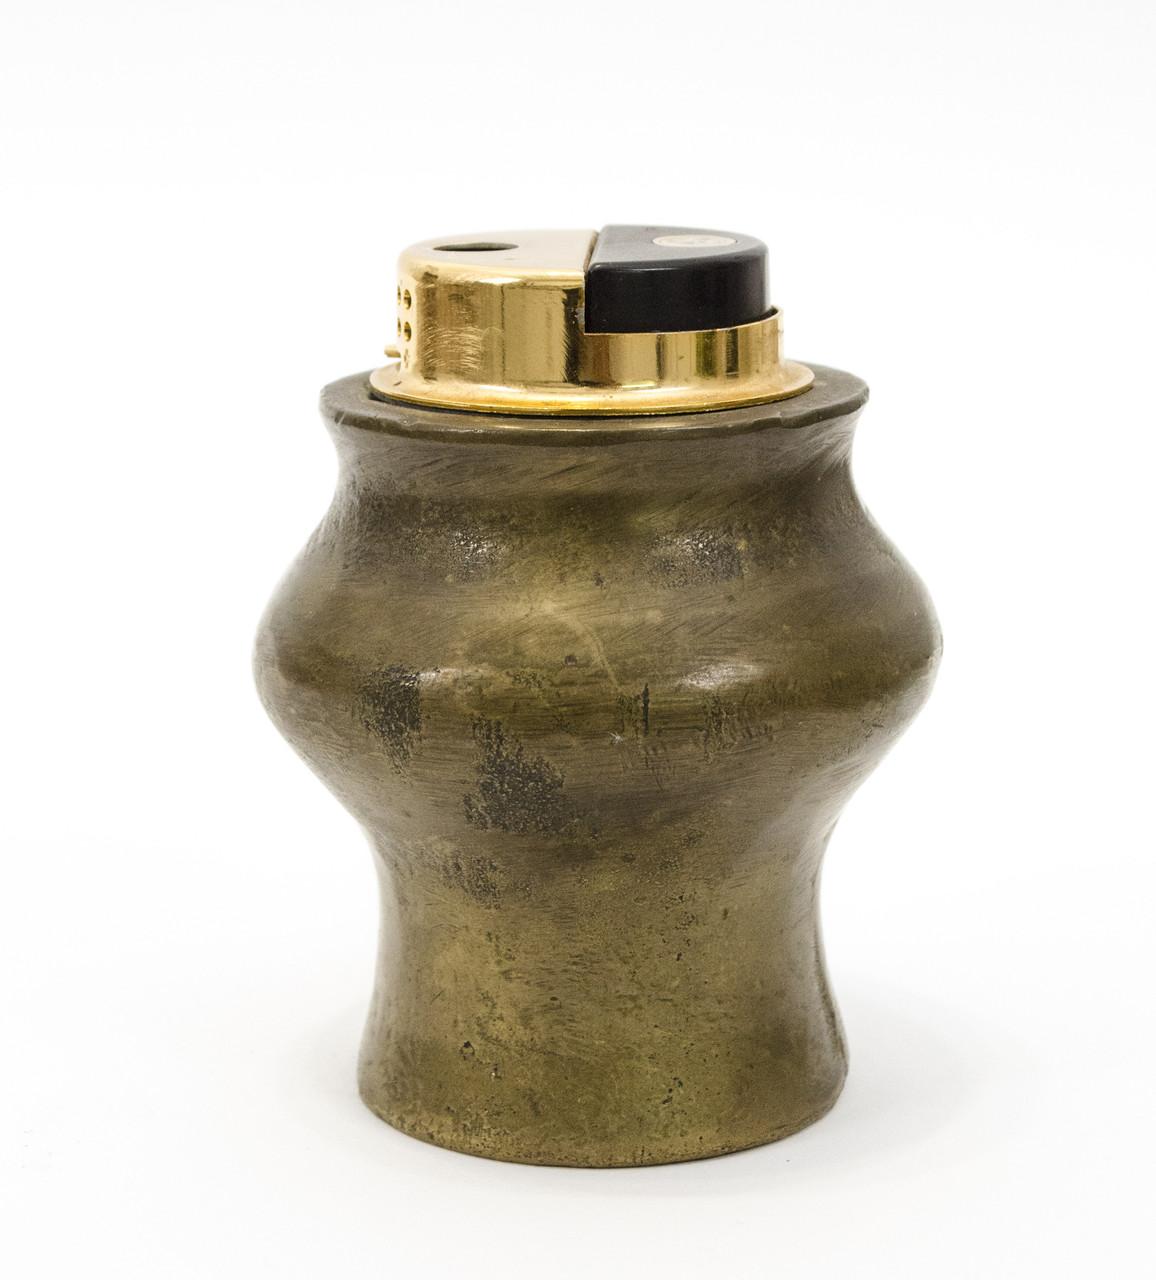 Газовая настольная зажигалка, бронзовый корпус, Германия, рабочая